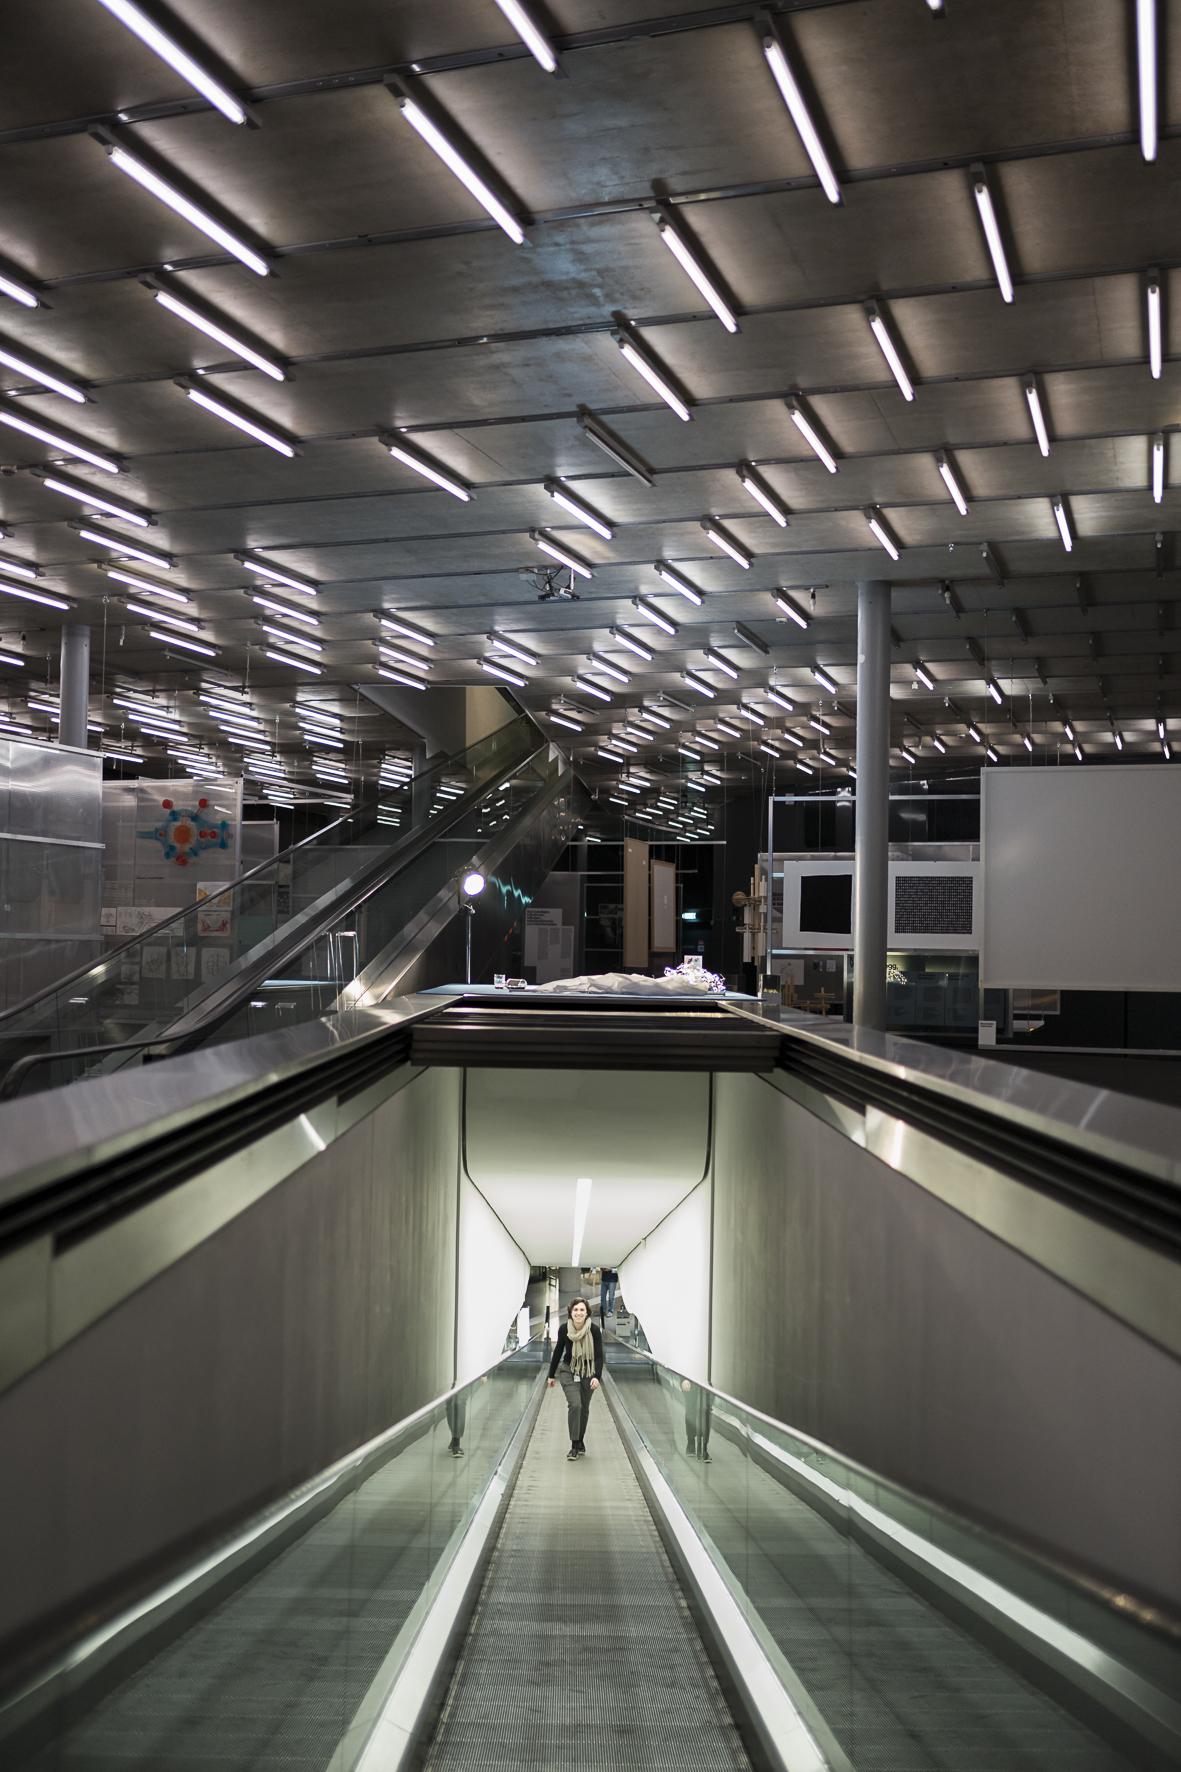 am Weg zur Station 2 - Das Badezimmer Foto Werner Kmetitsch